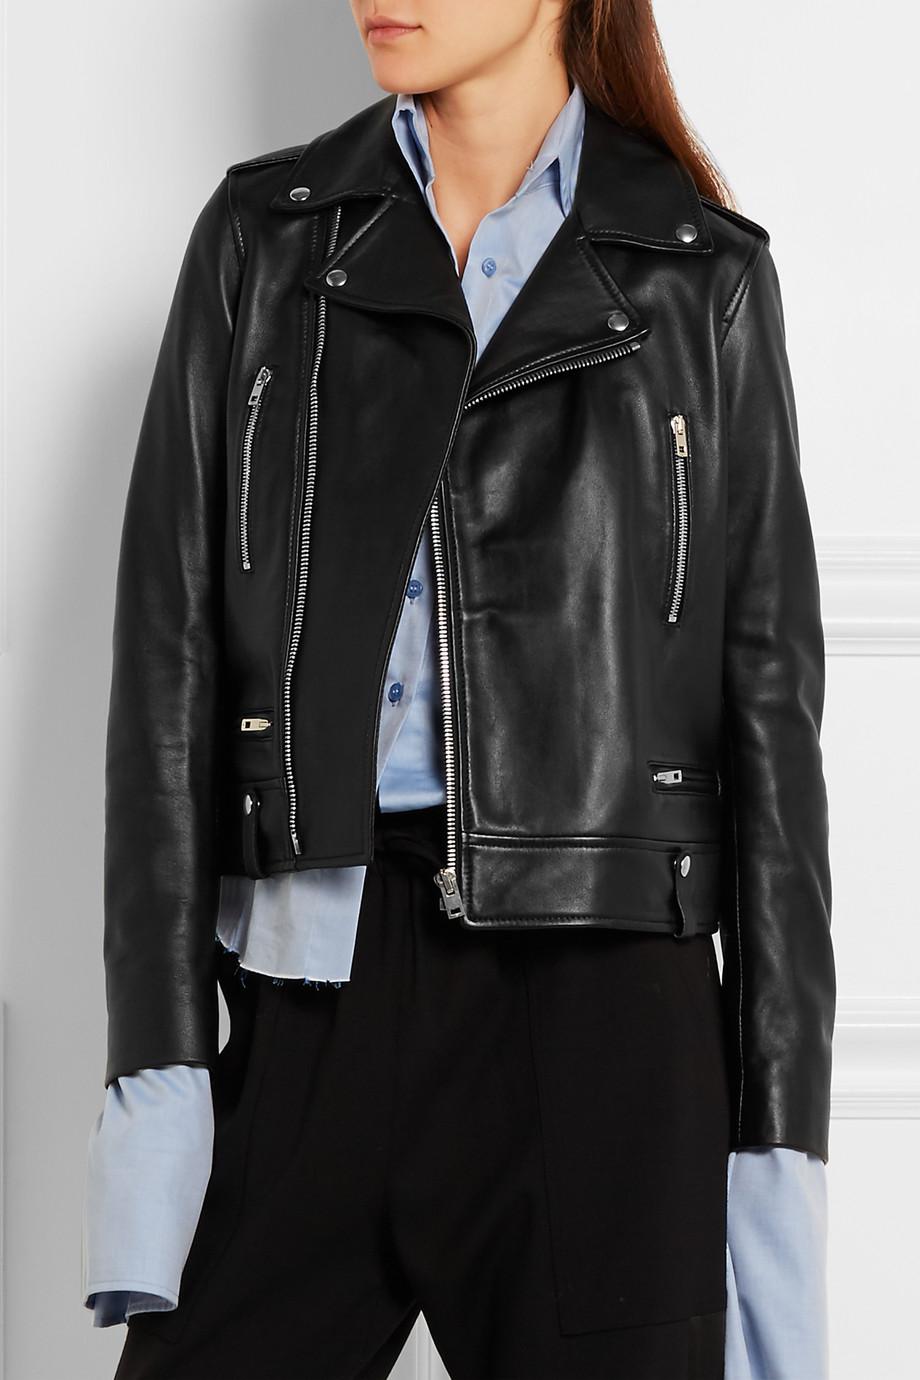 9 jakker, alle kvinder bør eje   Costume.dk